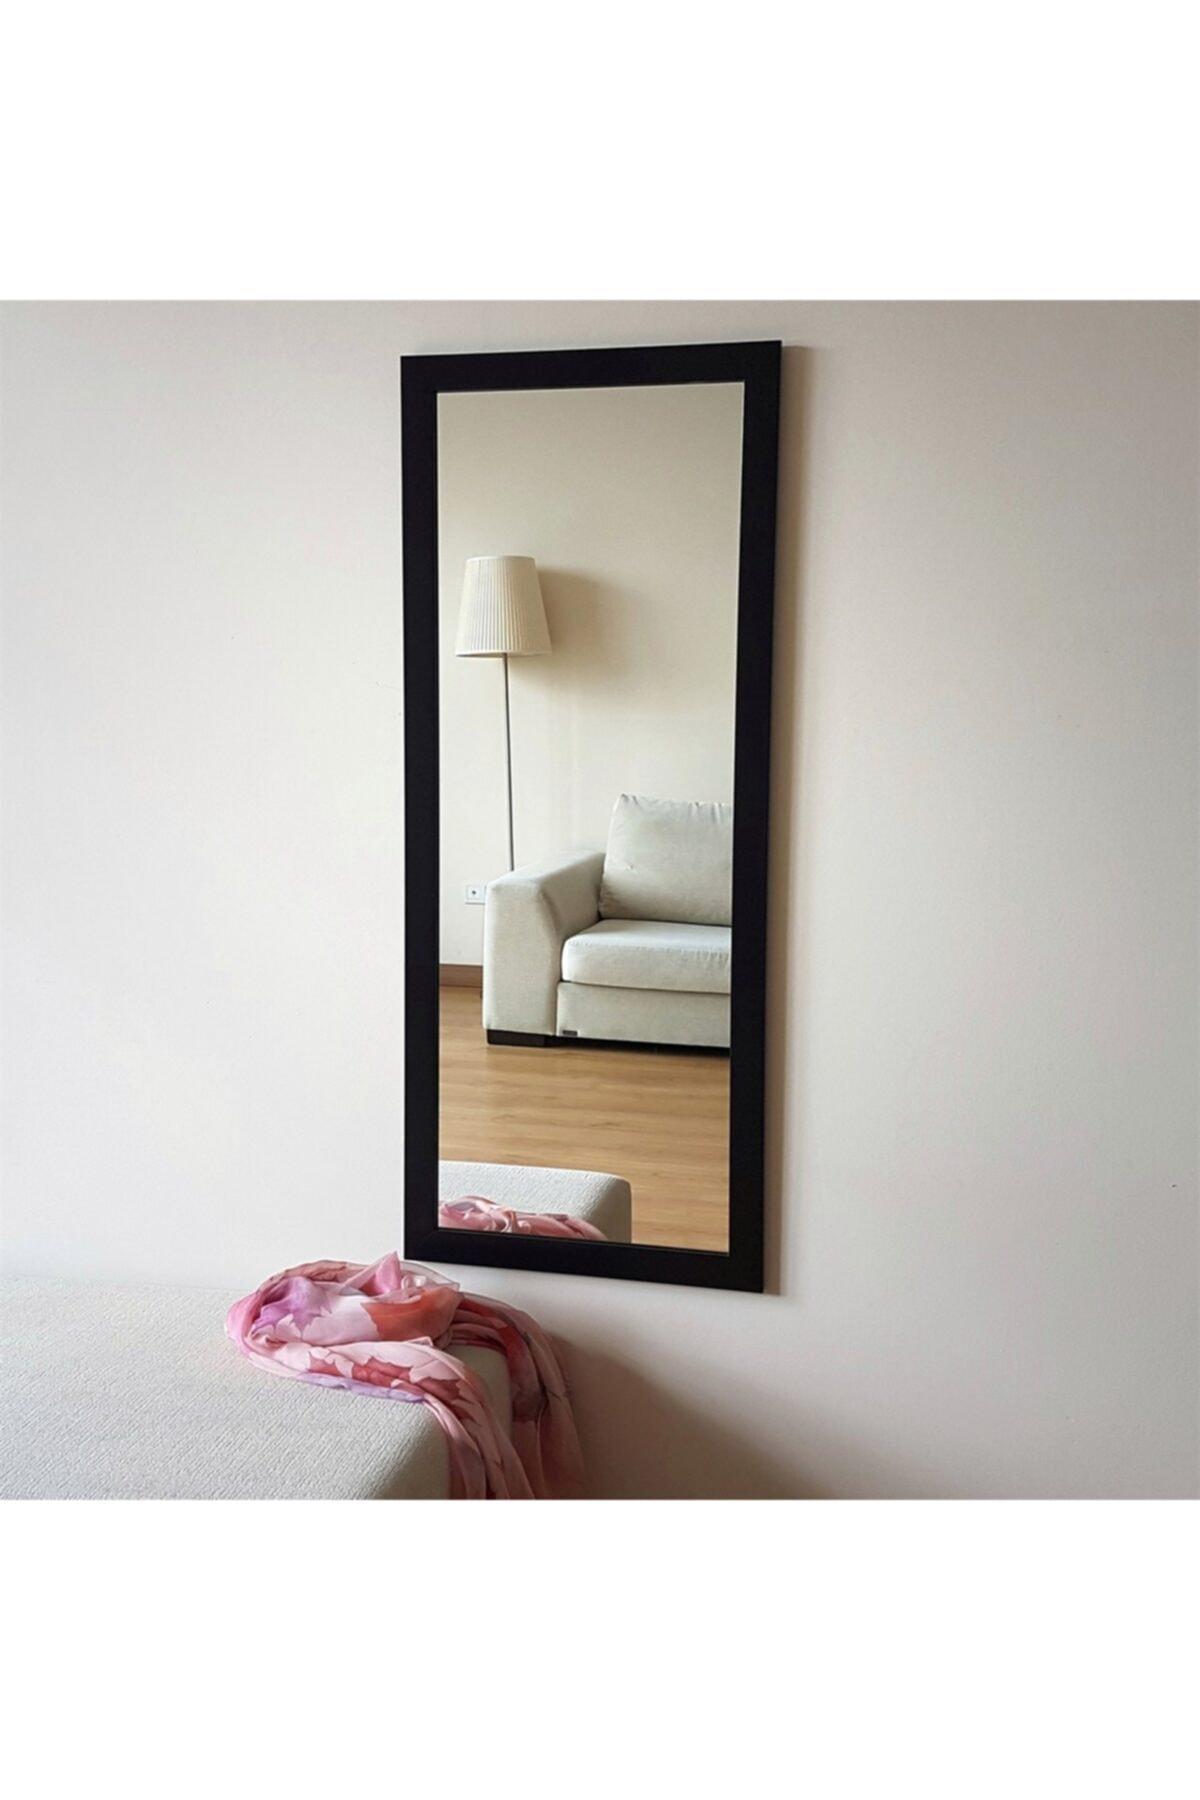 NEOstill - Siyah Dekoratif Ayna 45x110 Cm A205 1